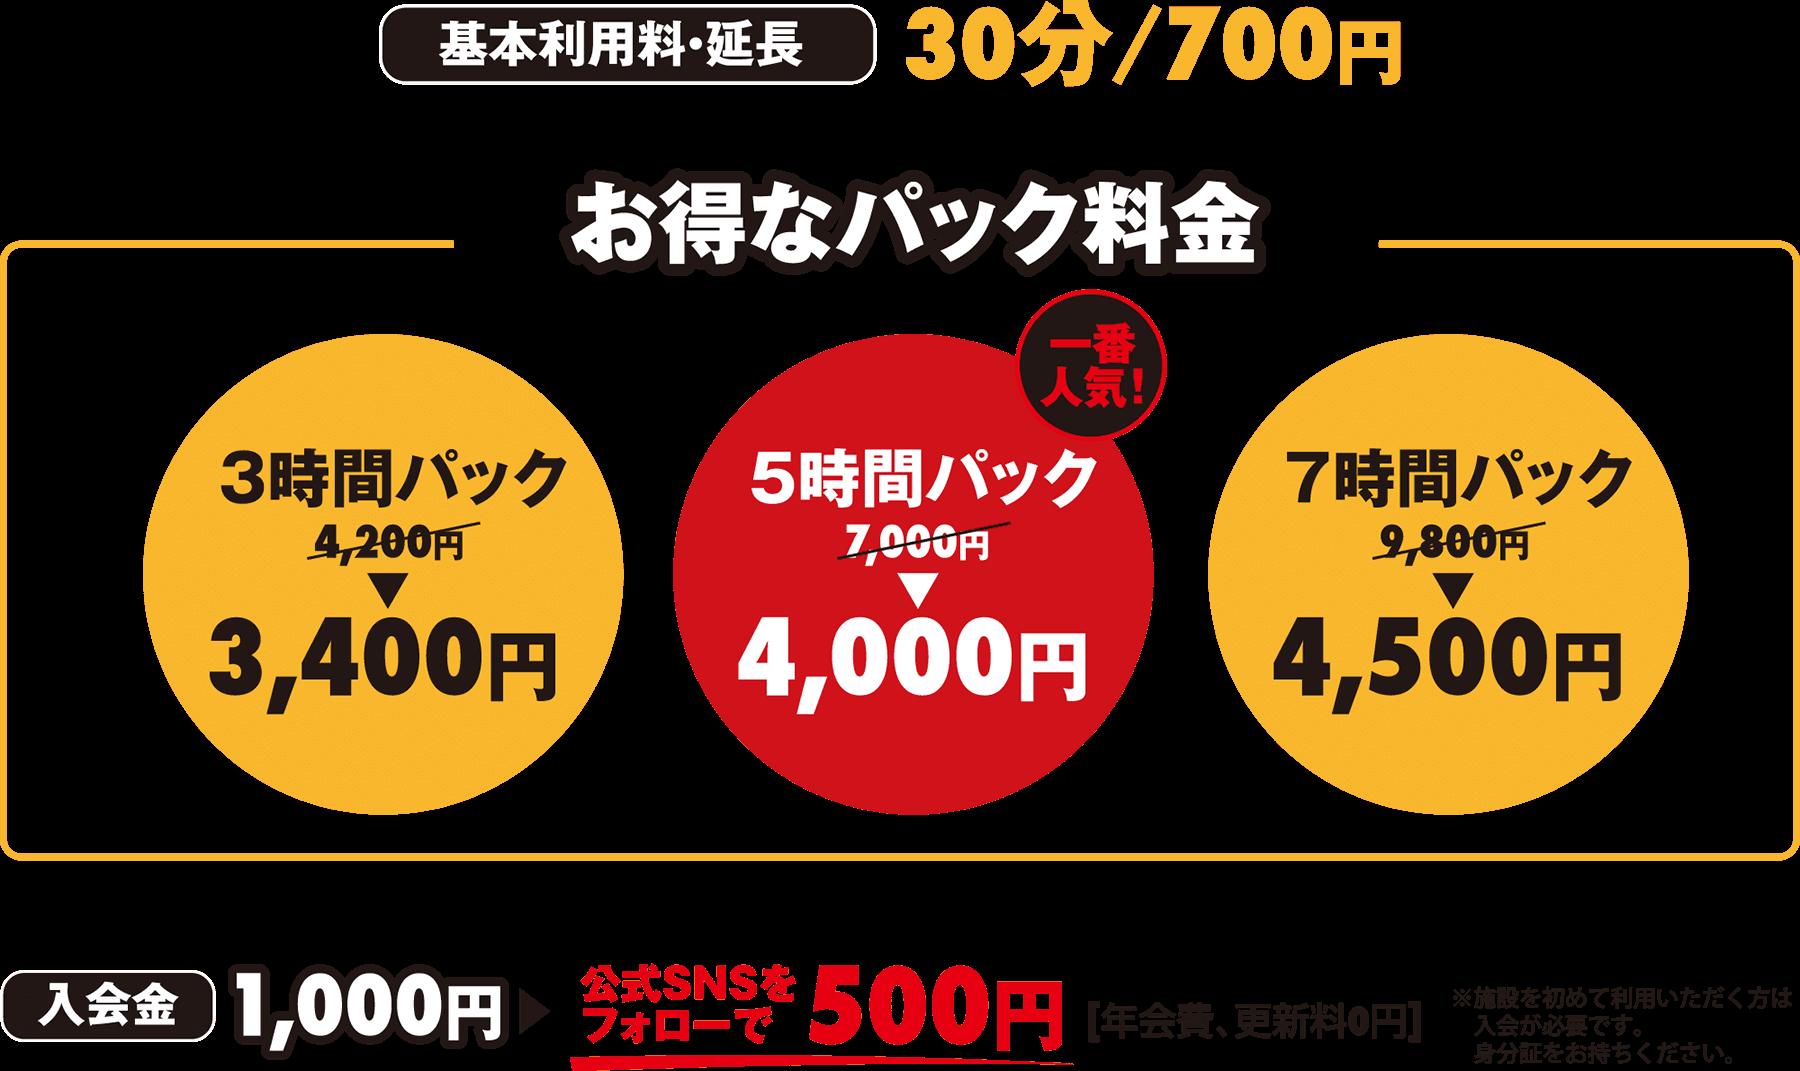 名古屋でサバイバルゲームをするならBrave Point 名古屋店 | 料金案内